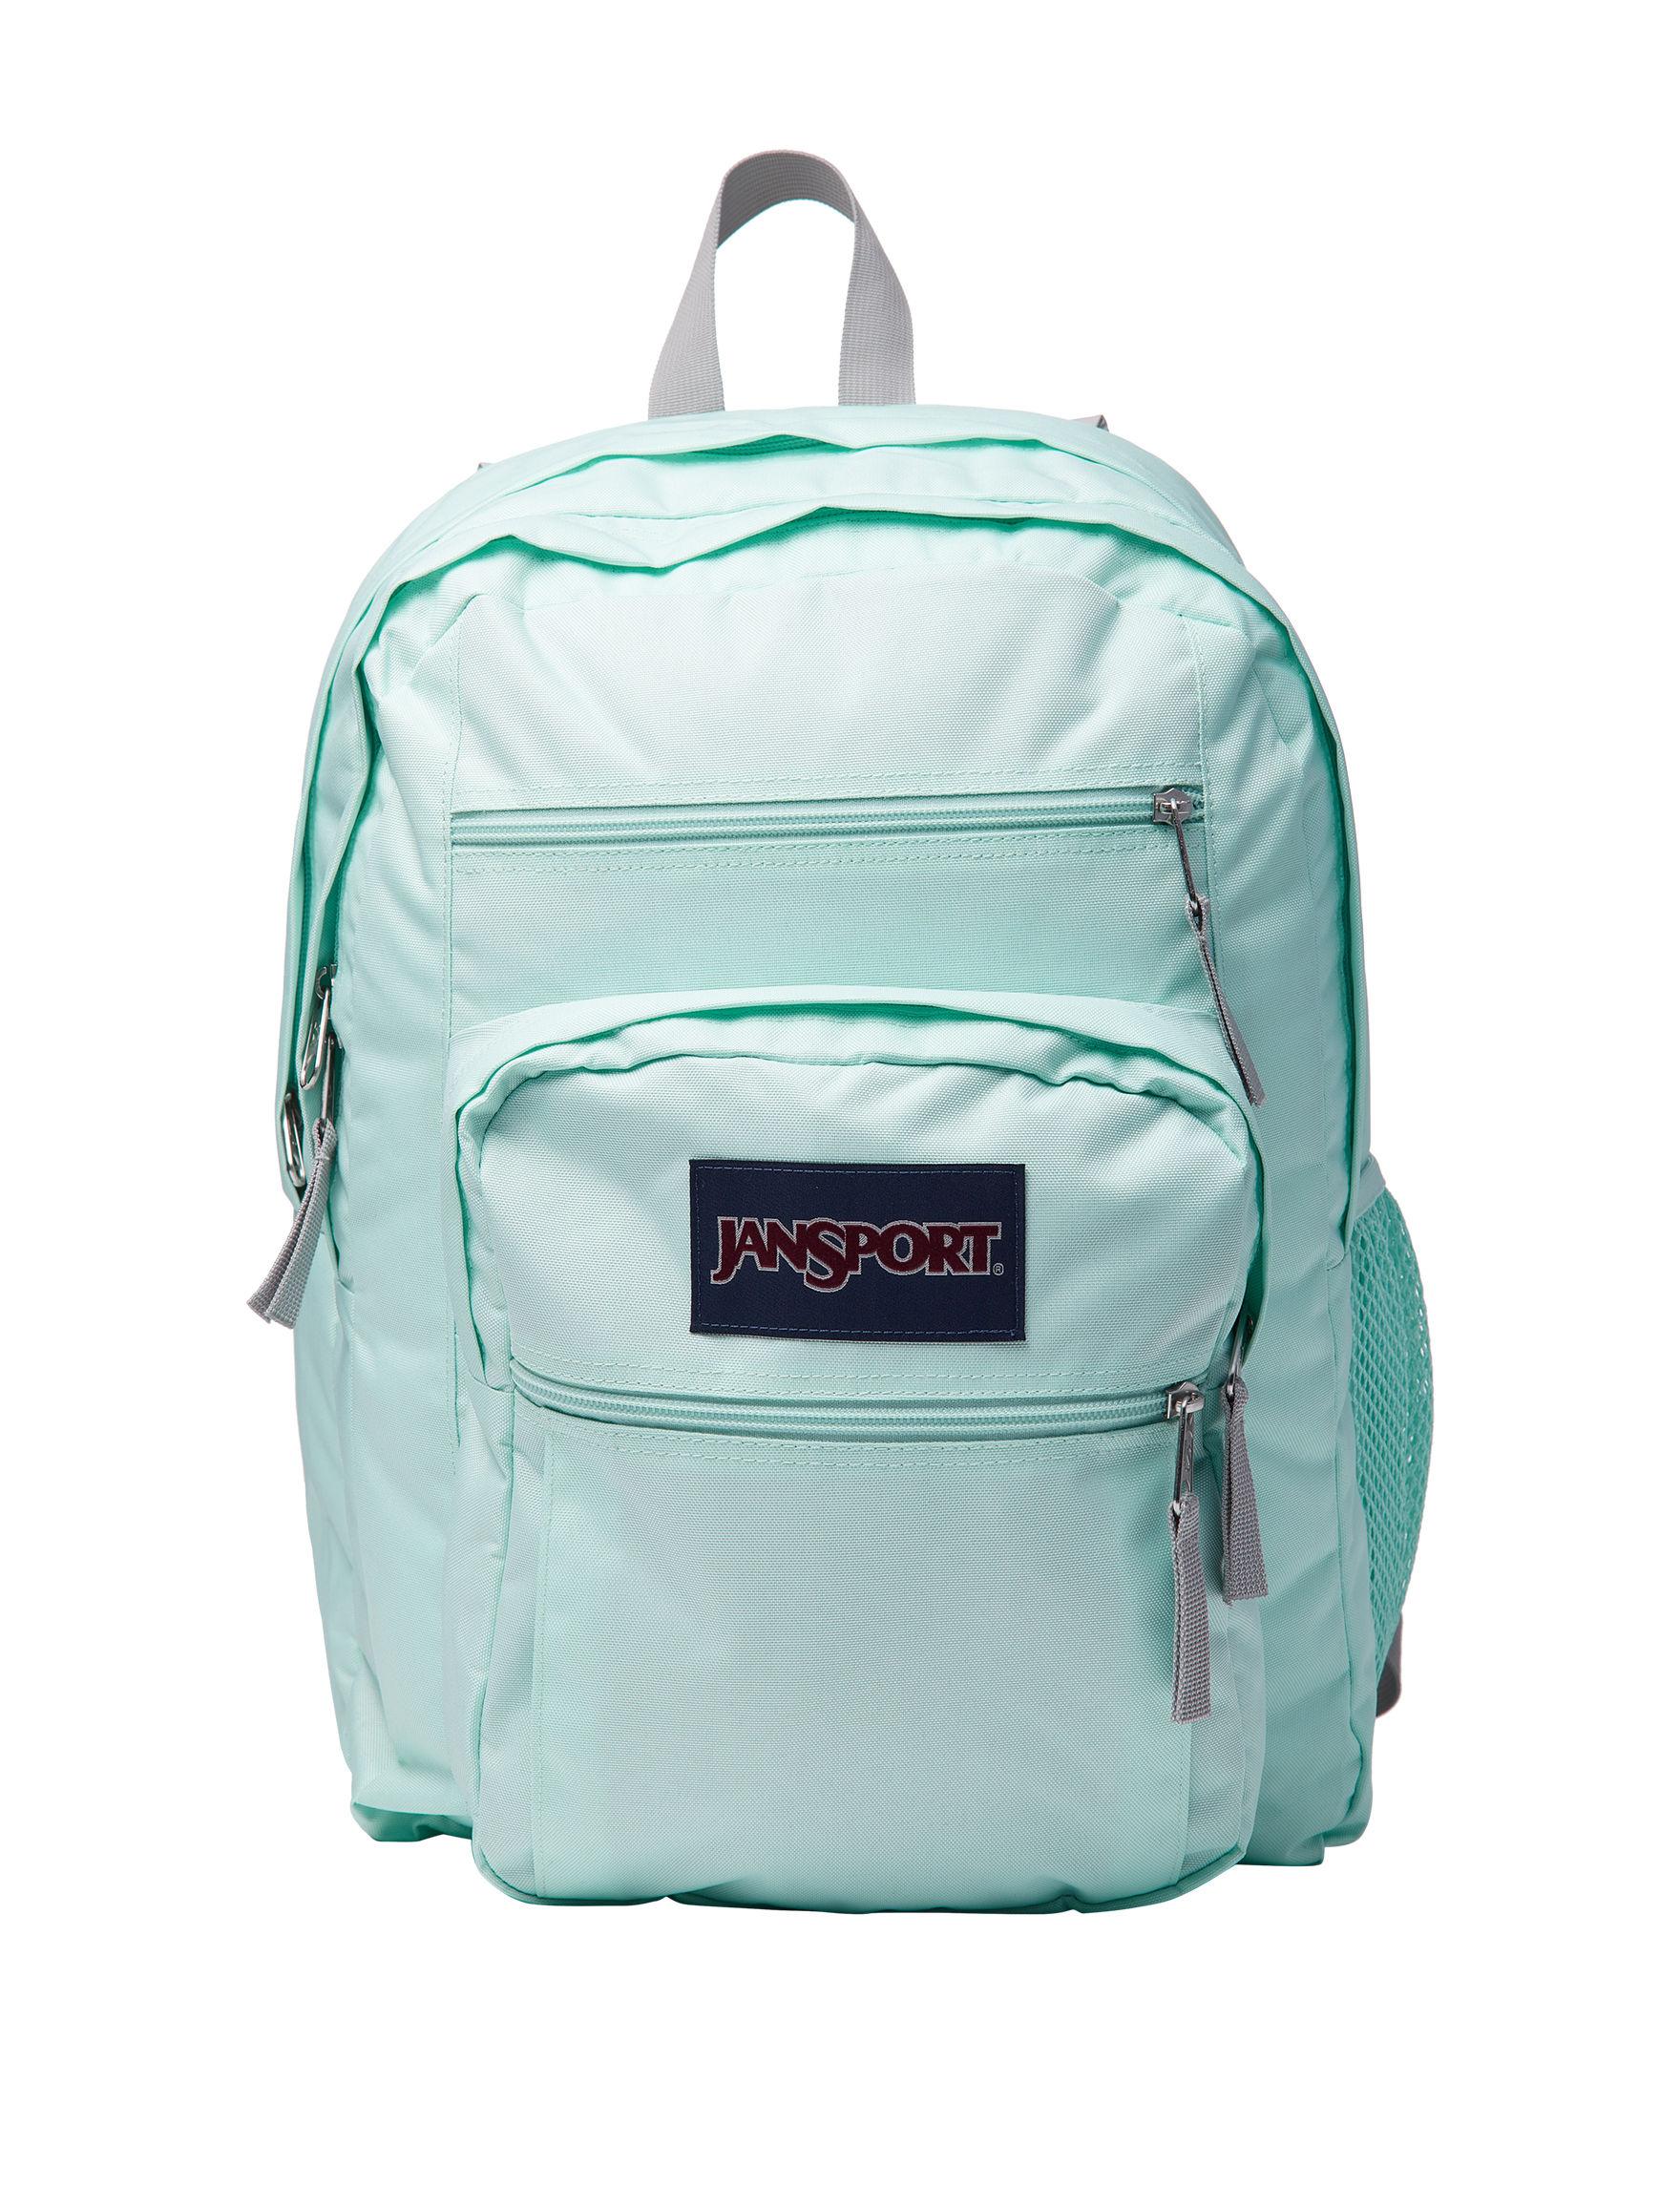 Jansport Mint Bookbags & Backpacks